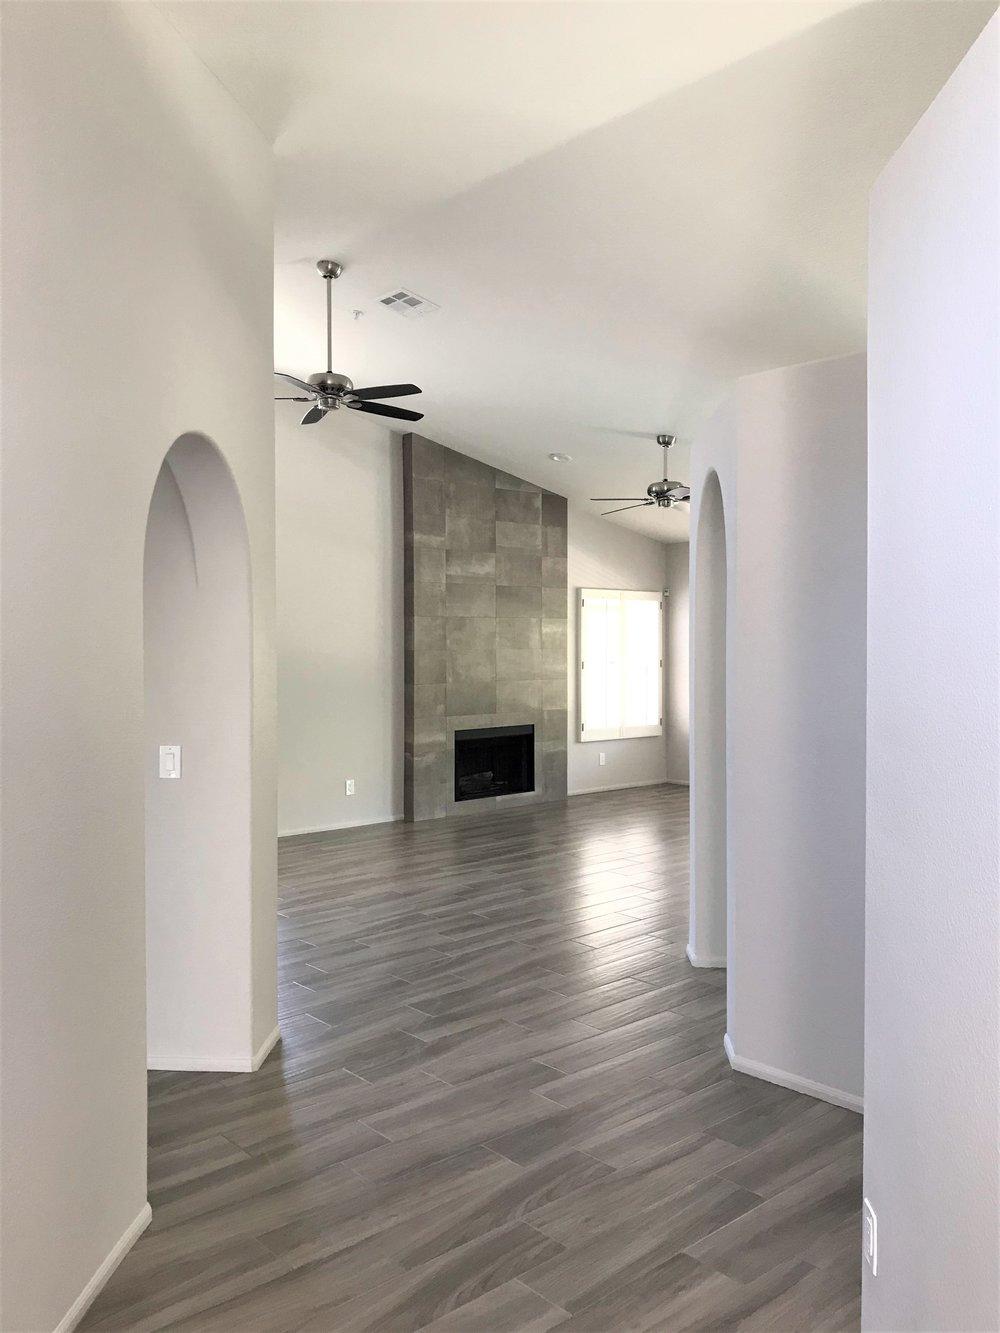 Entrance /Living Room After